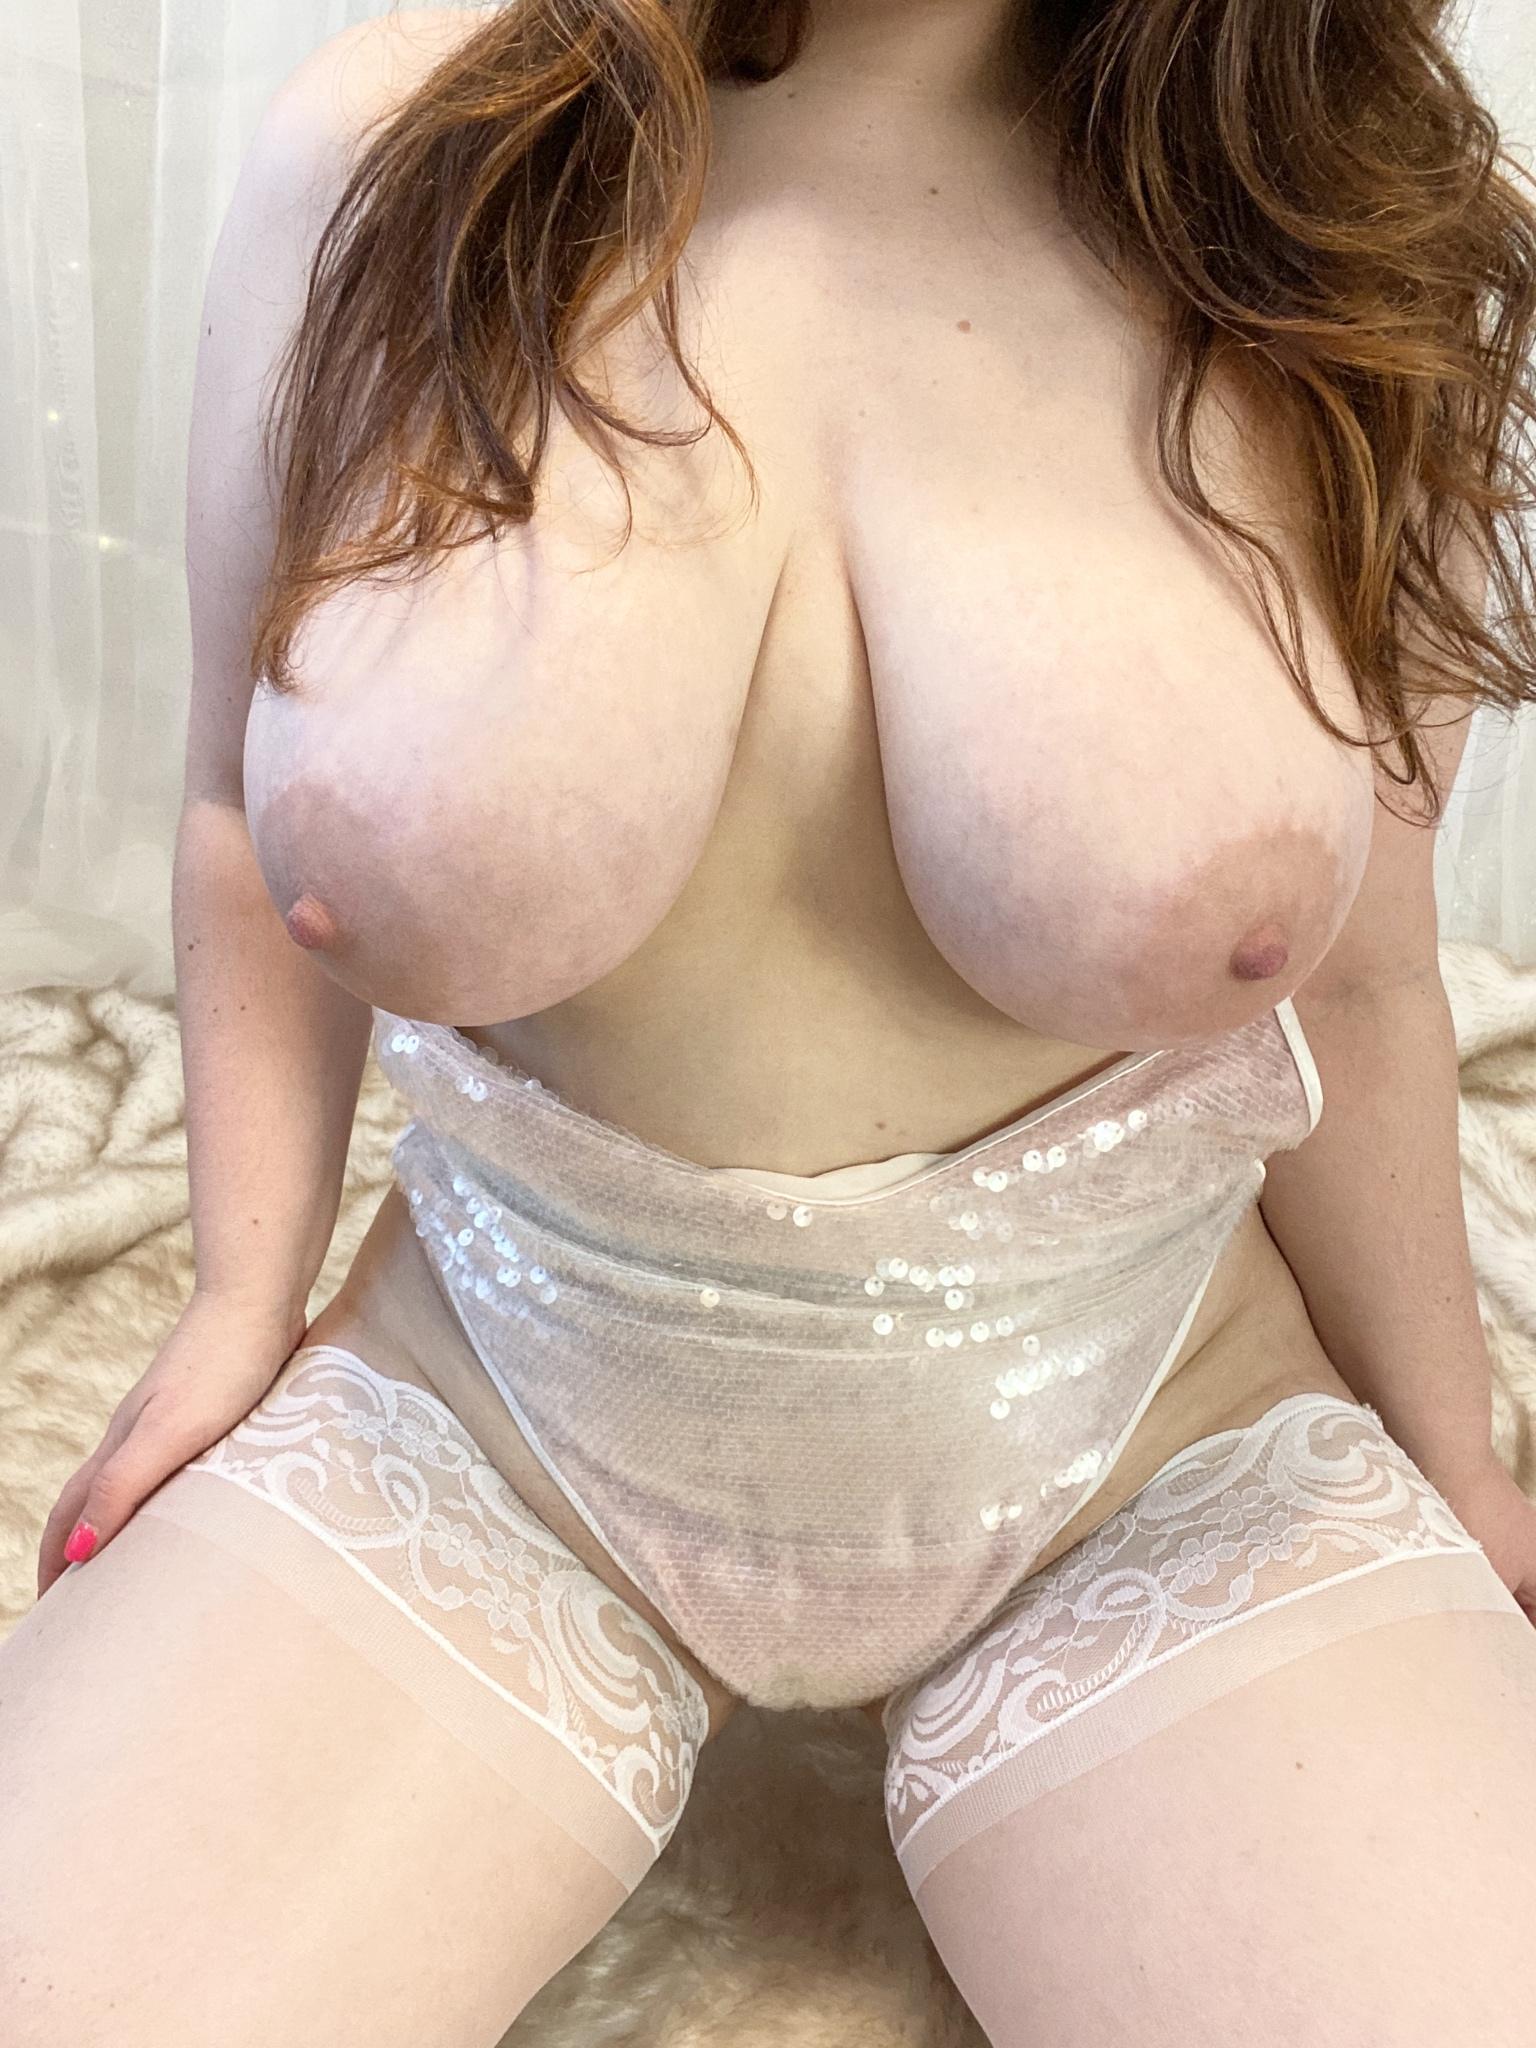 Shiny Porn